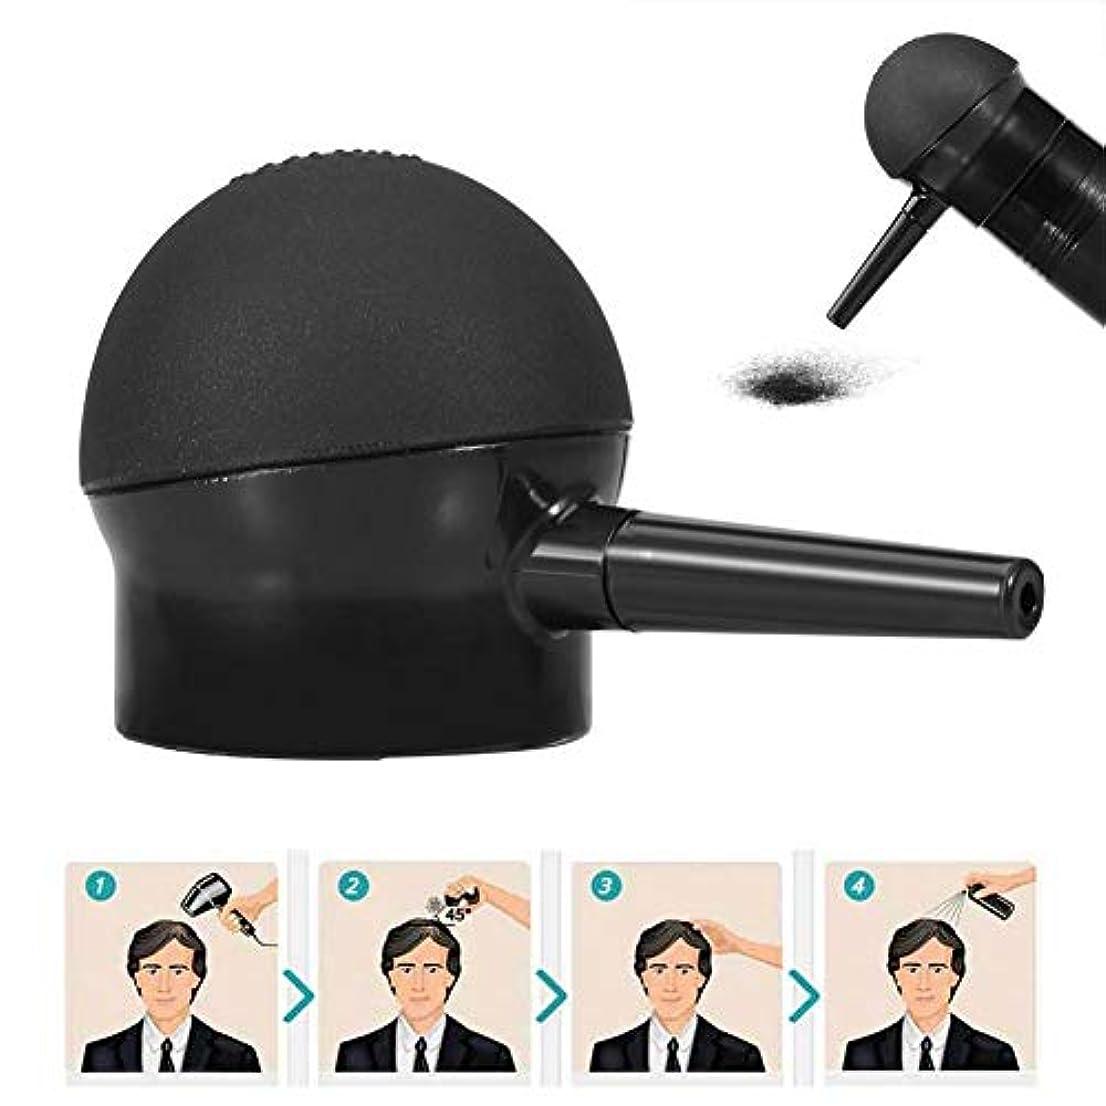 エレクトロニック成熟暫定ヘアー 噴霧器、スプレー、アプリケーションヘア、ビルディング、ファイバー用ノズル、ヘア シックニング ツール